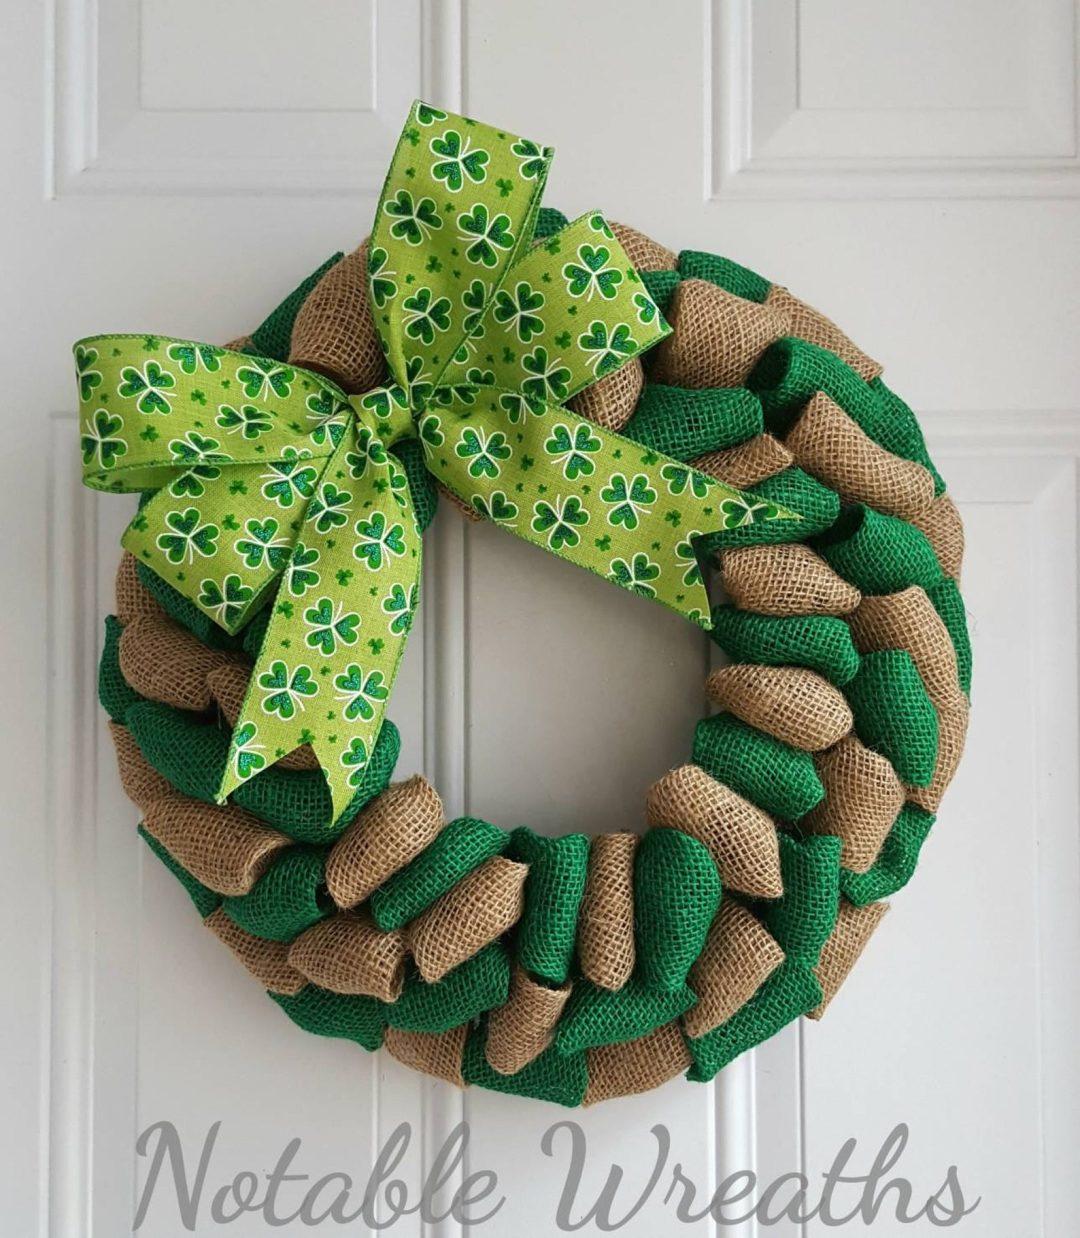 Burlap St. Patrick's Day wreaths